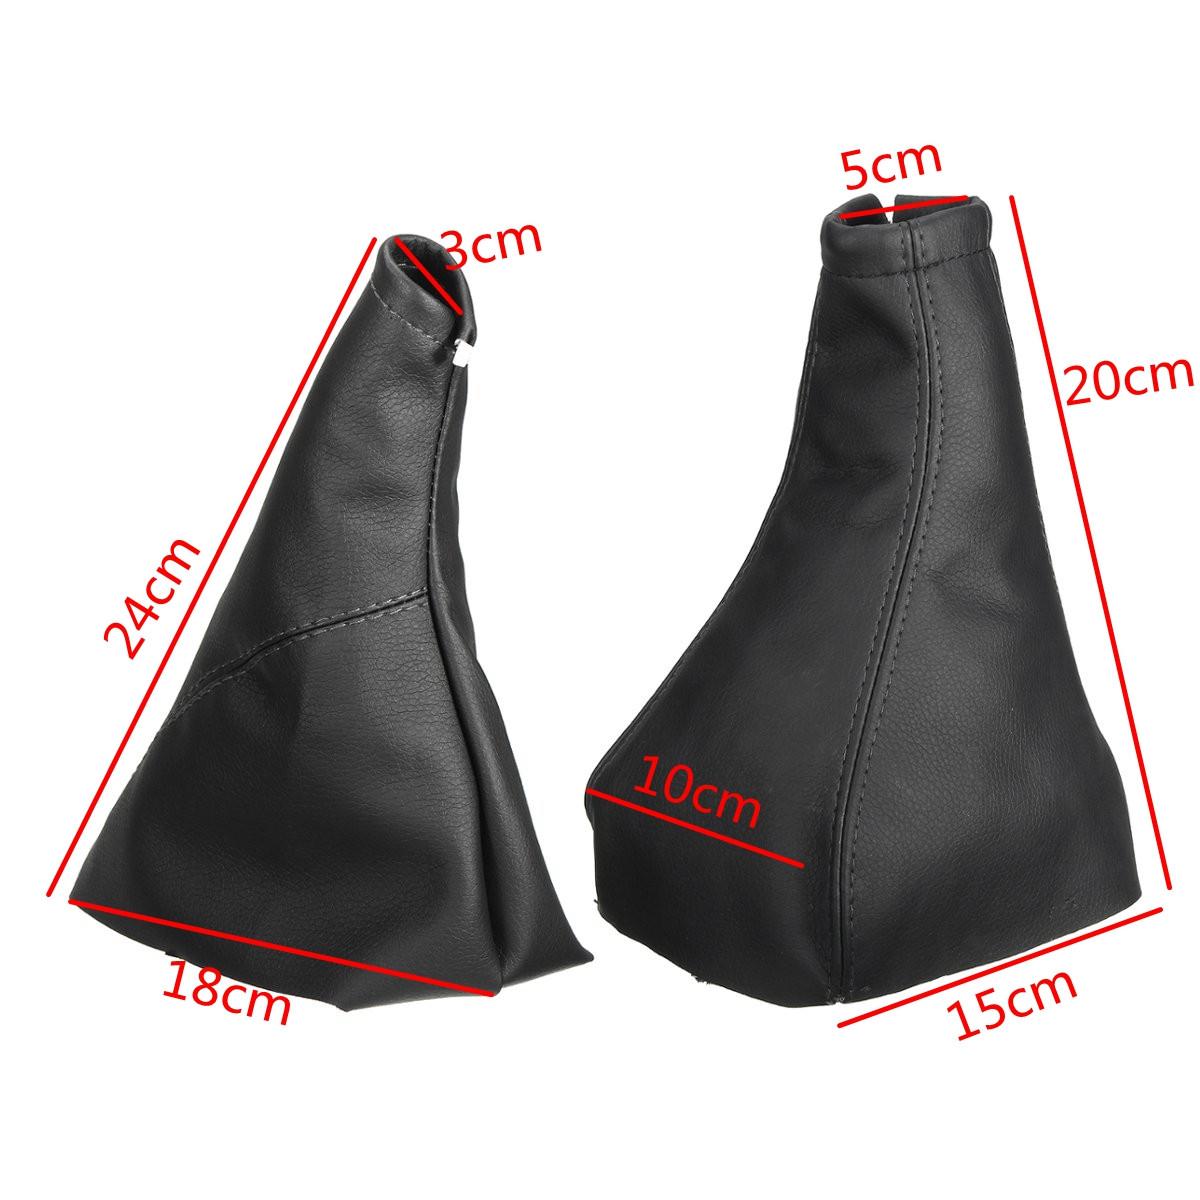 For Opel /VAUXHALL /CORSA 2001-2006 Black Handbrake Gear Gaiter Dust Cover Set